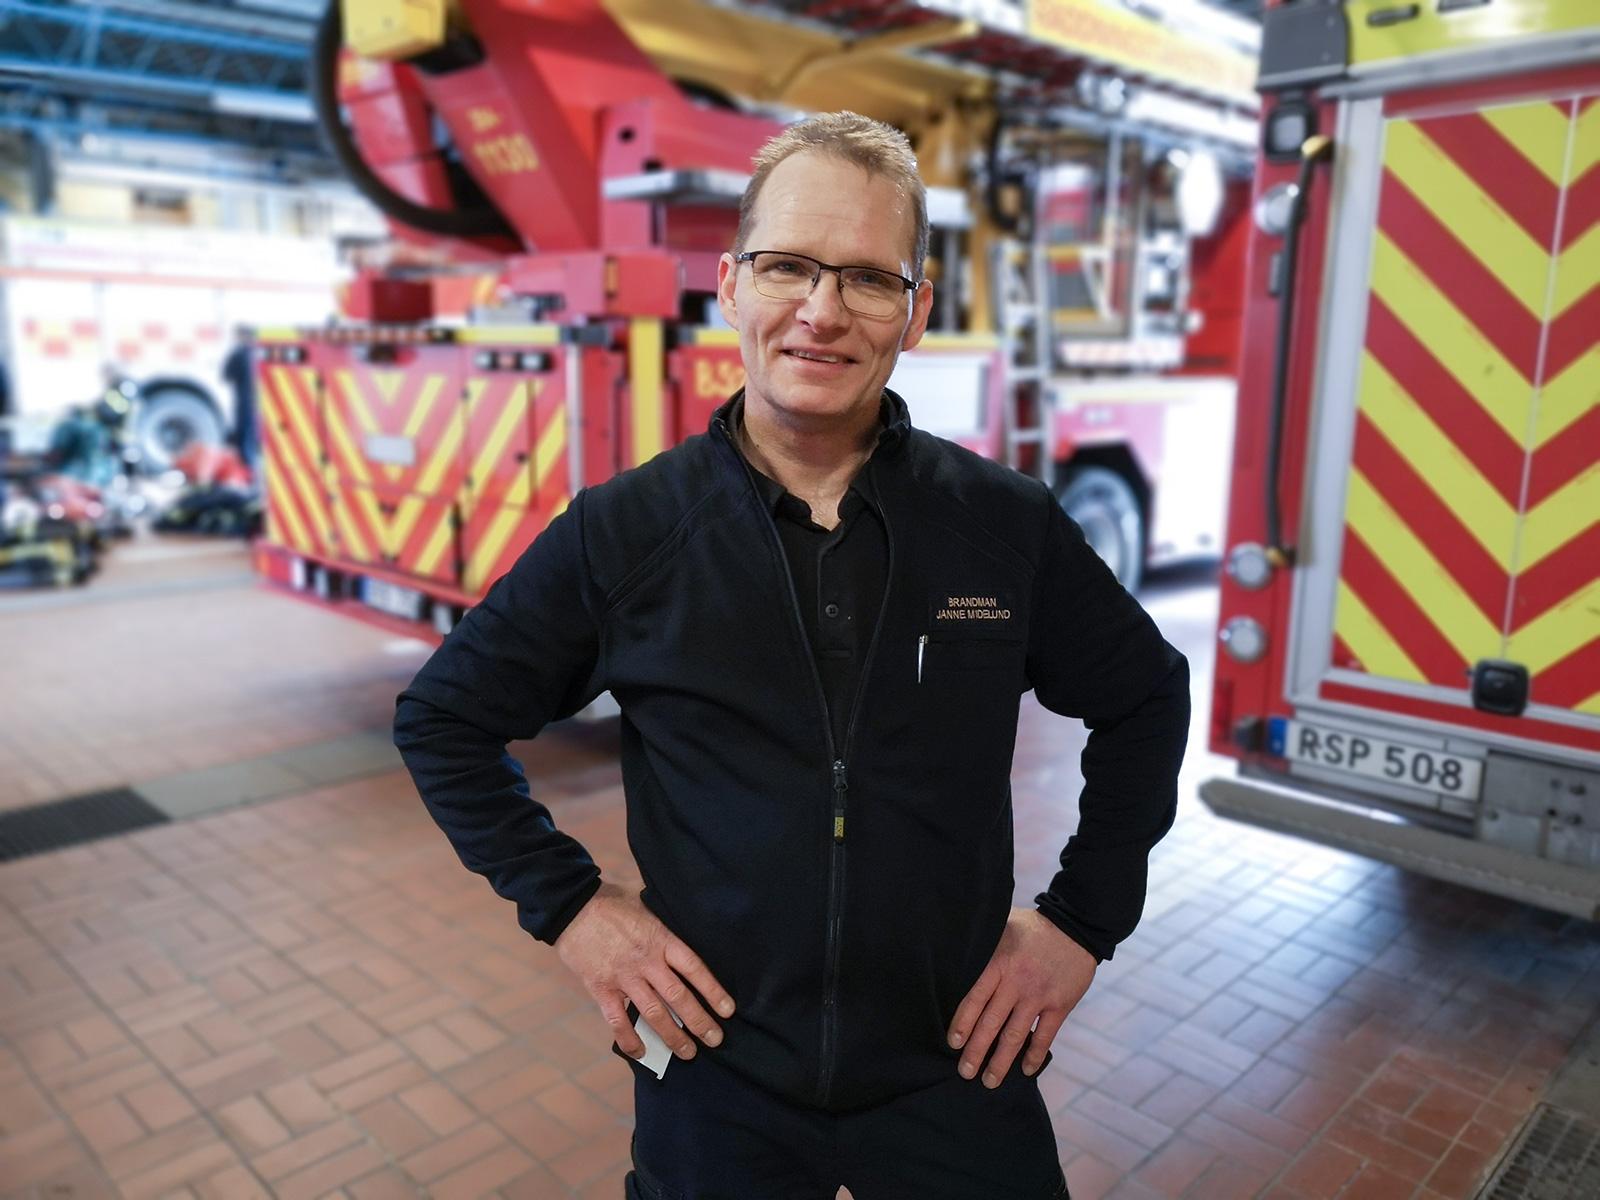 Suomesta Ruotsiin vuonna 1969 muuttanut Janne Midelund on työskennellyt palomiehenä 30 vuotta. Hän kertoo, että hälytysten jälkeen palopaikalla käytetään hengityssuojainta ja suojakäsineitä varusteita käsitellessä.